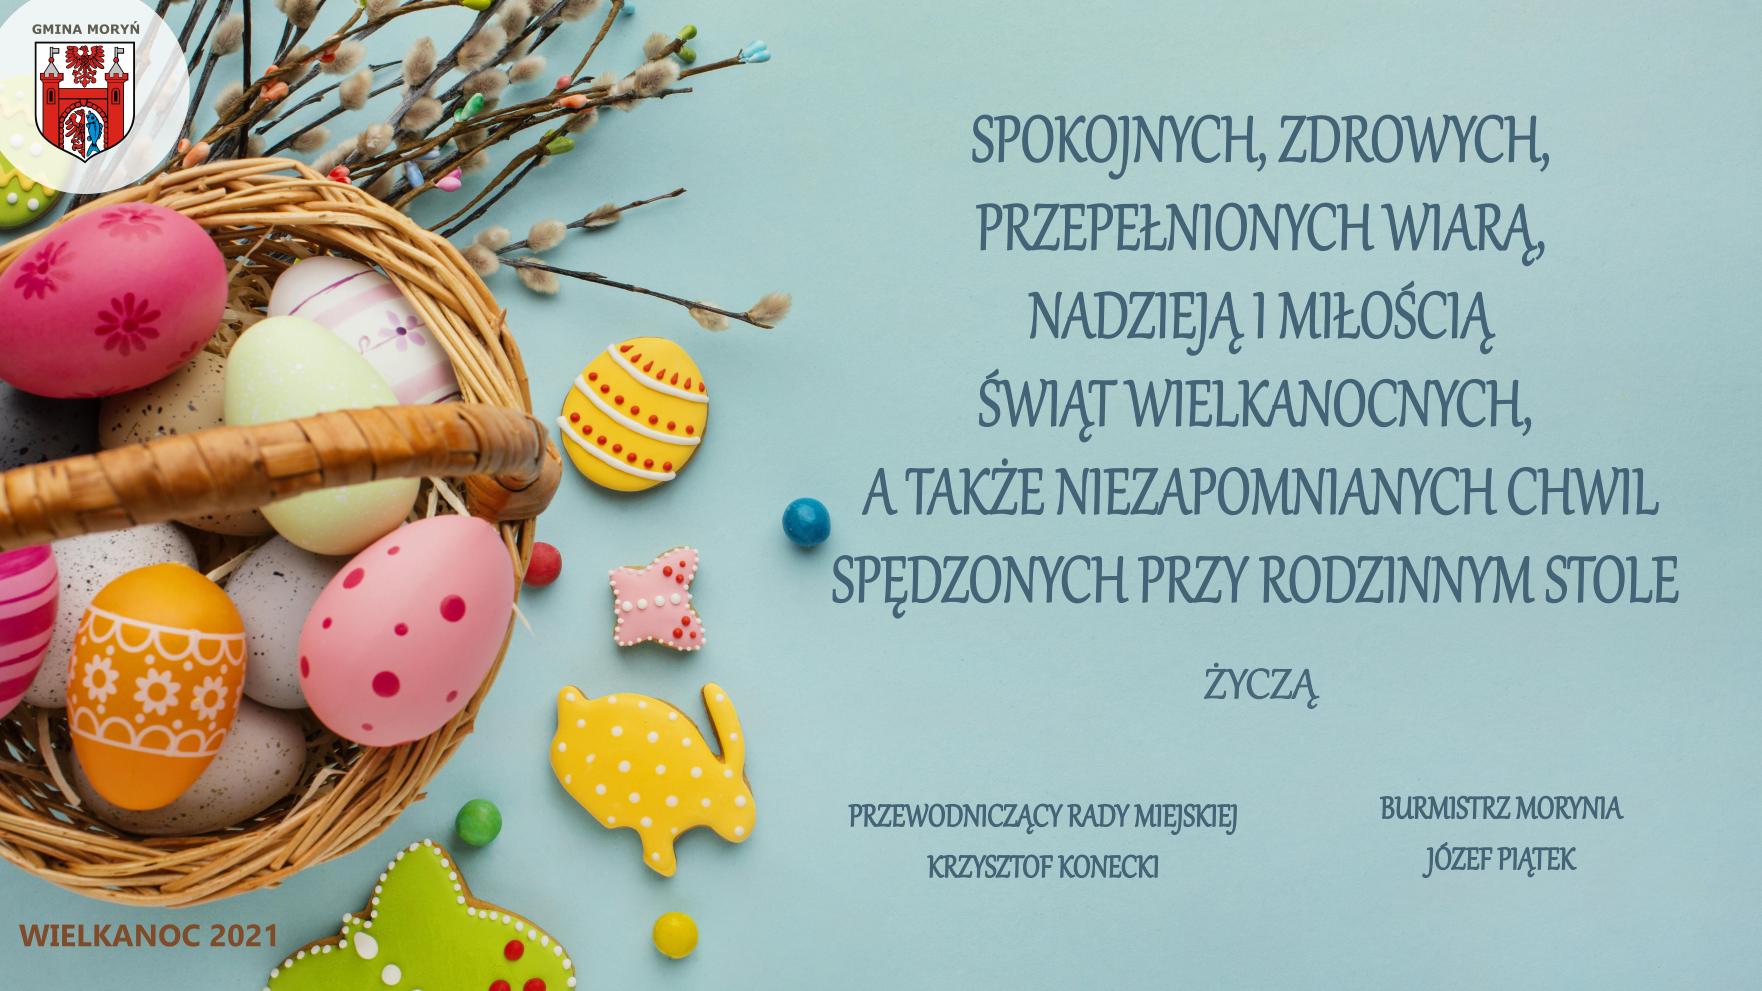 życzenia wielkanocne, koszyczek z jajkami na niebieskim tle i treść życzeń